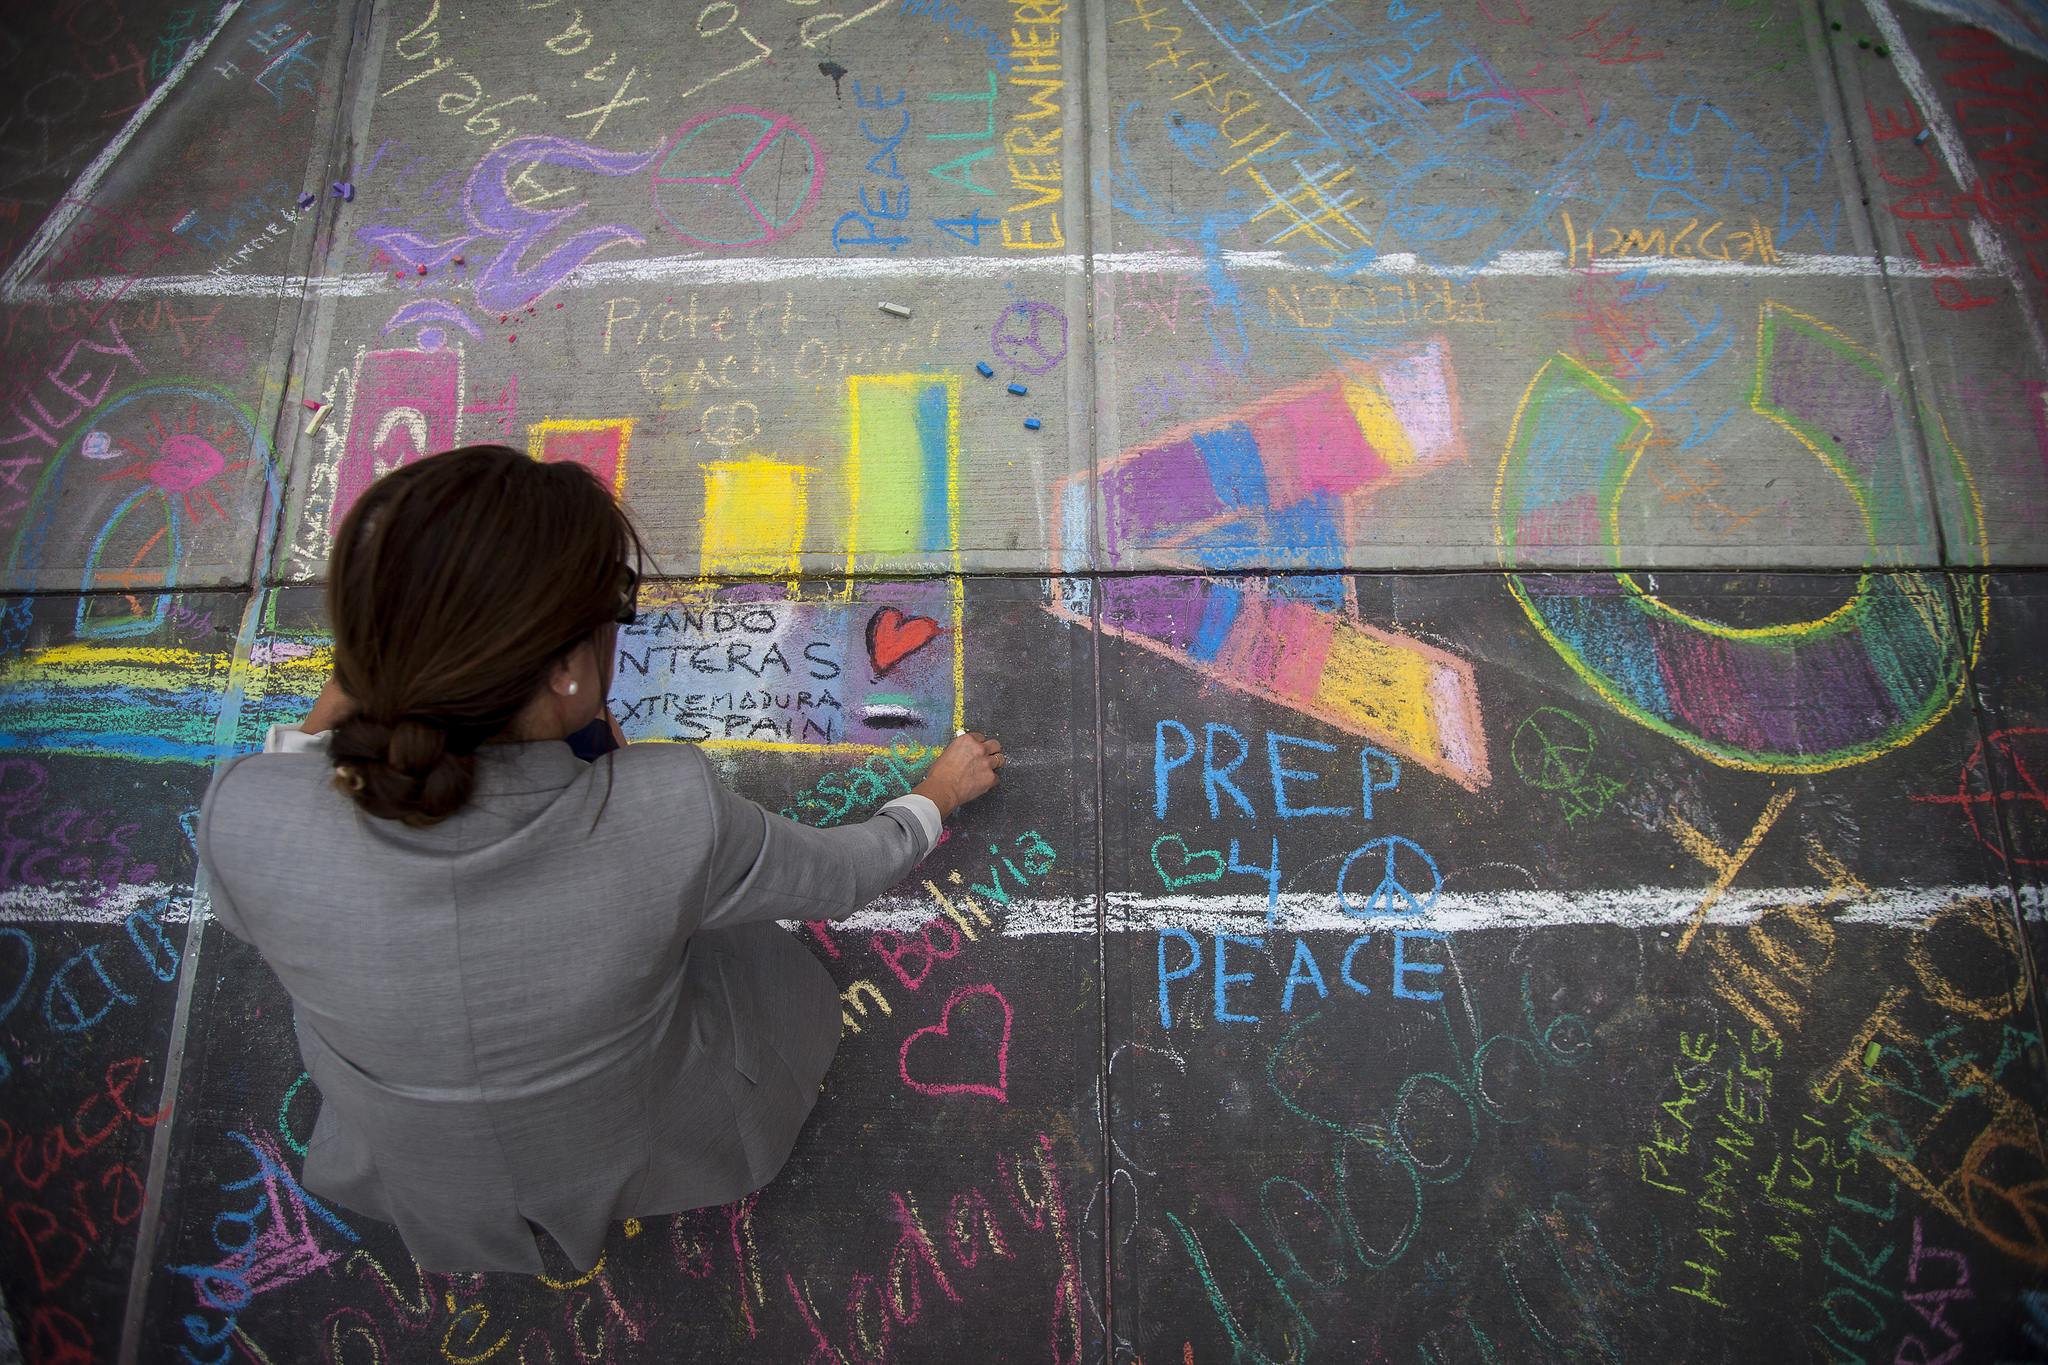 Disegni e firme ai piedi del Visitor Centre delle Nazioni Unite per la Giornata Internazionale della Pace.